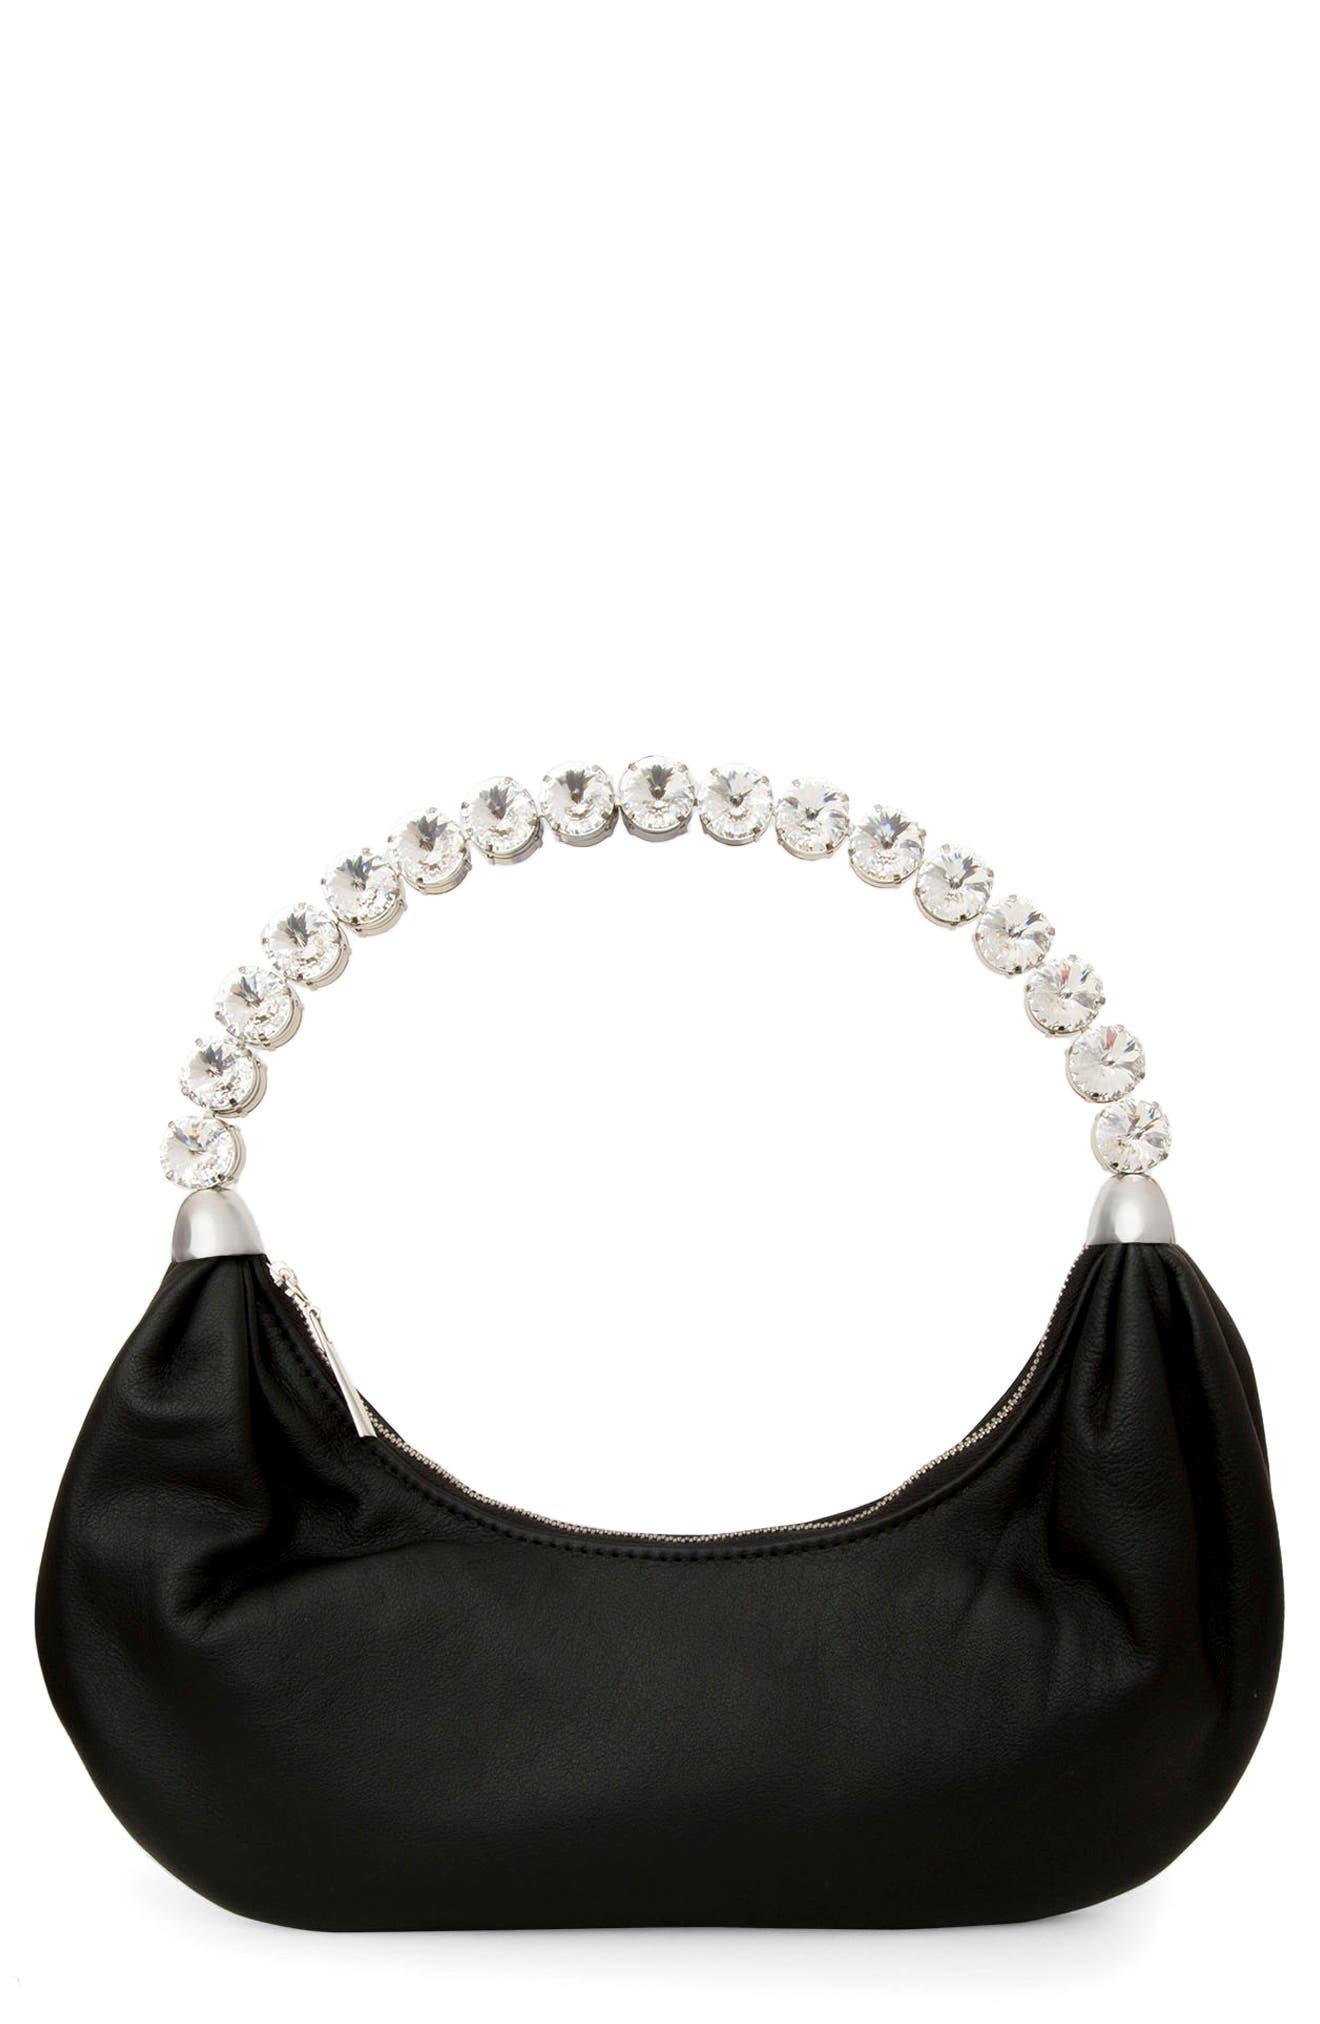 Banana Crystal Top Handle Bag